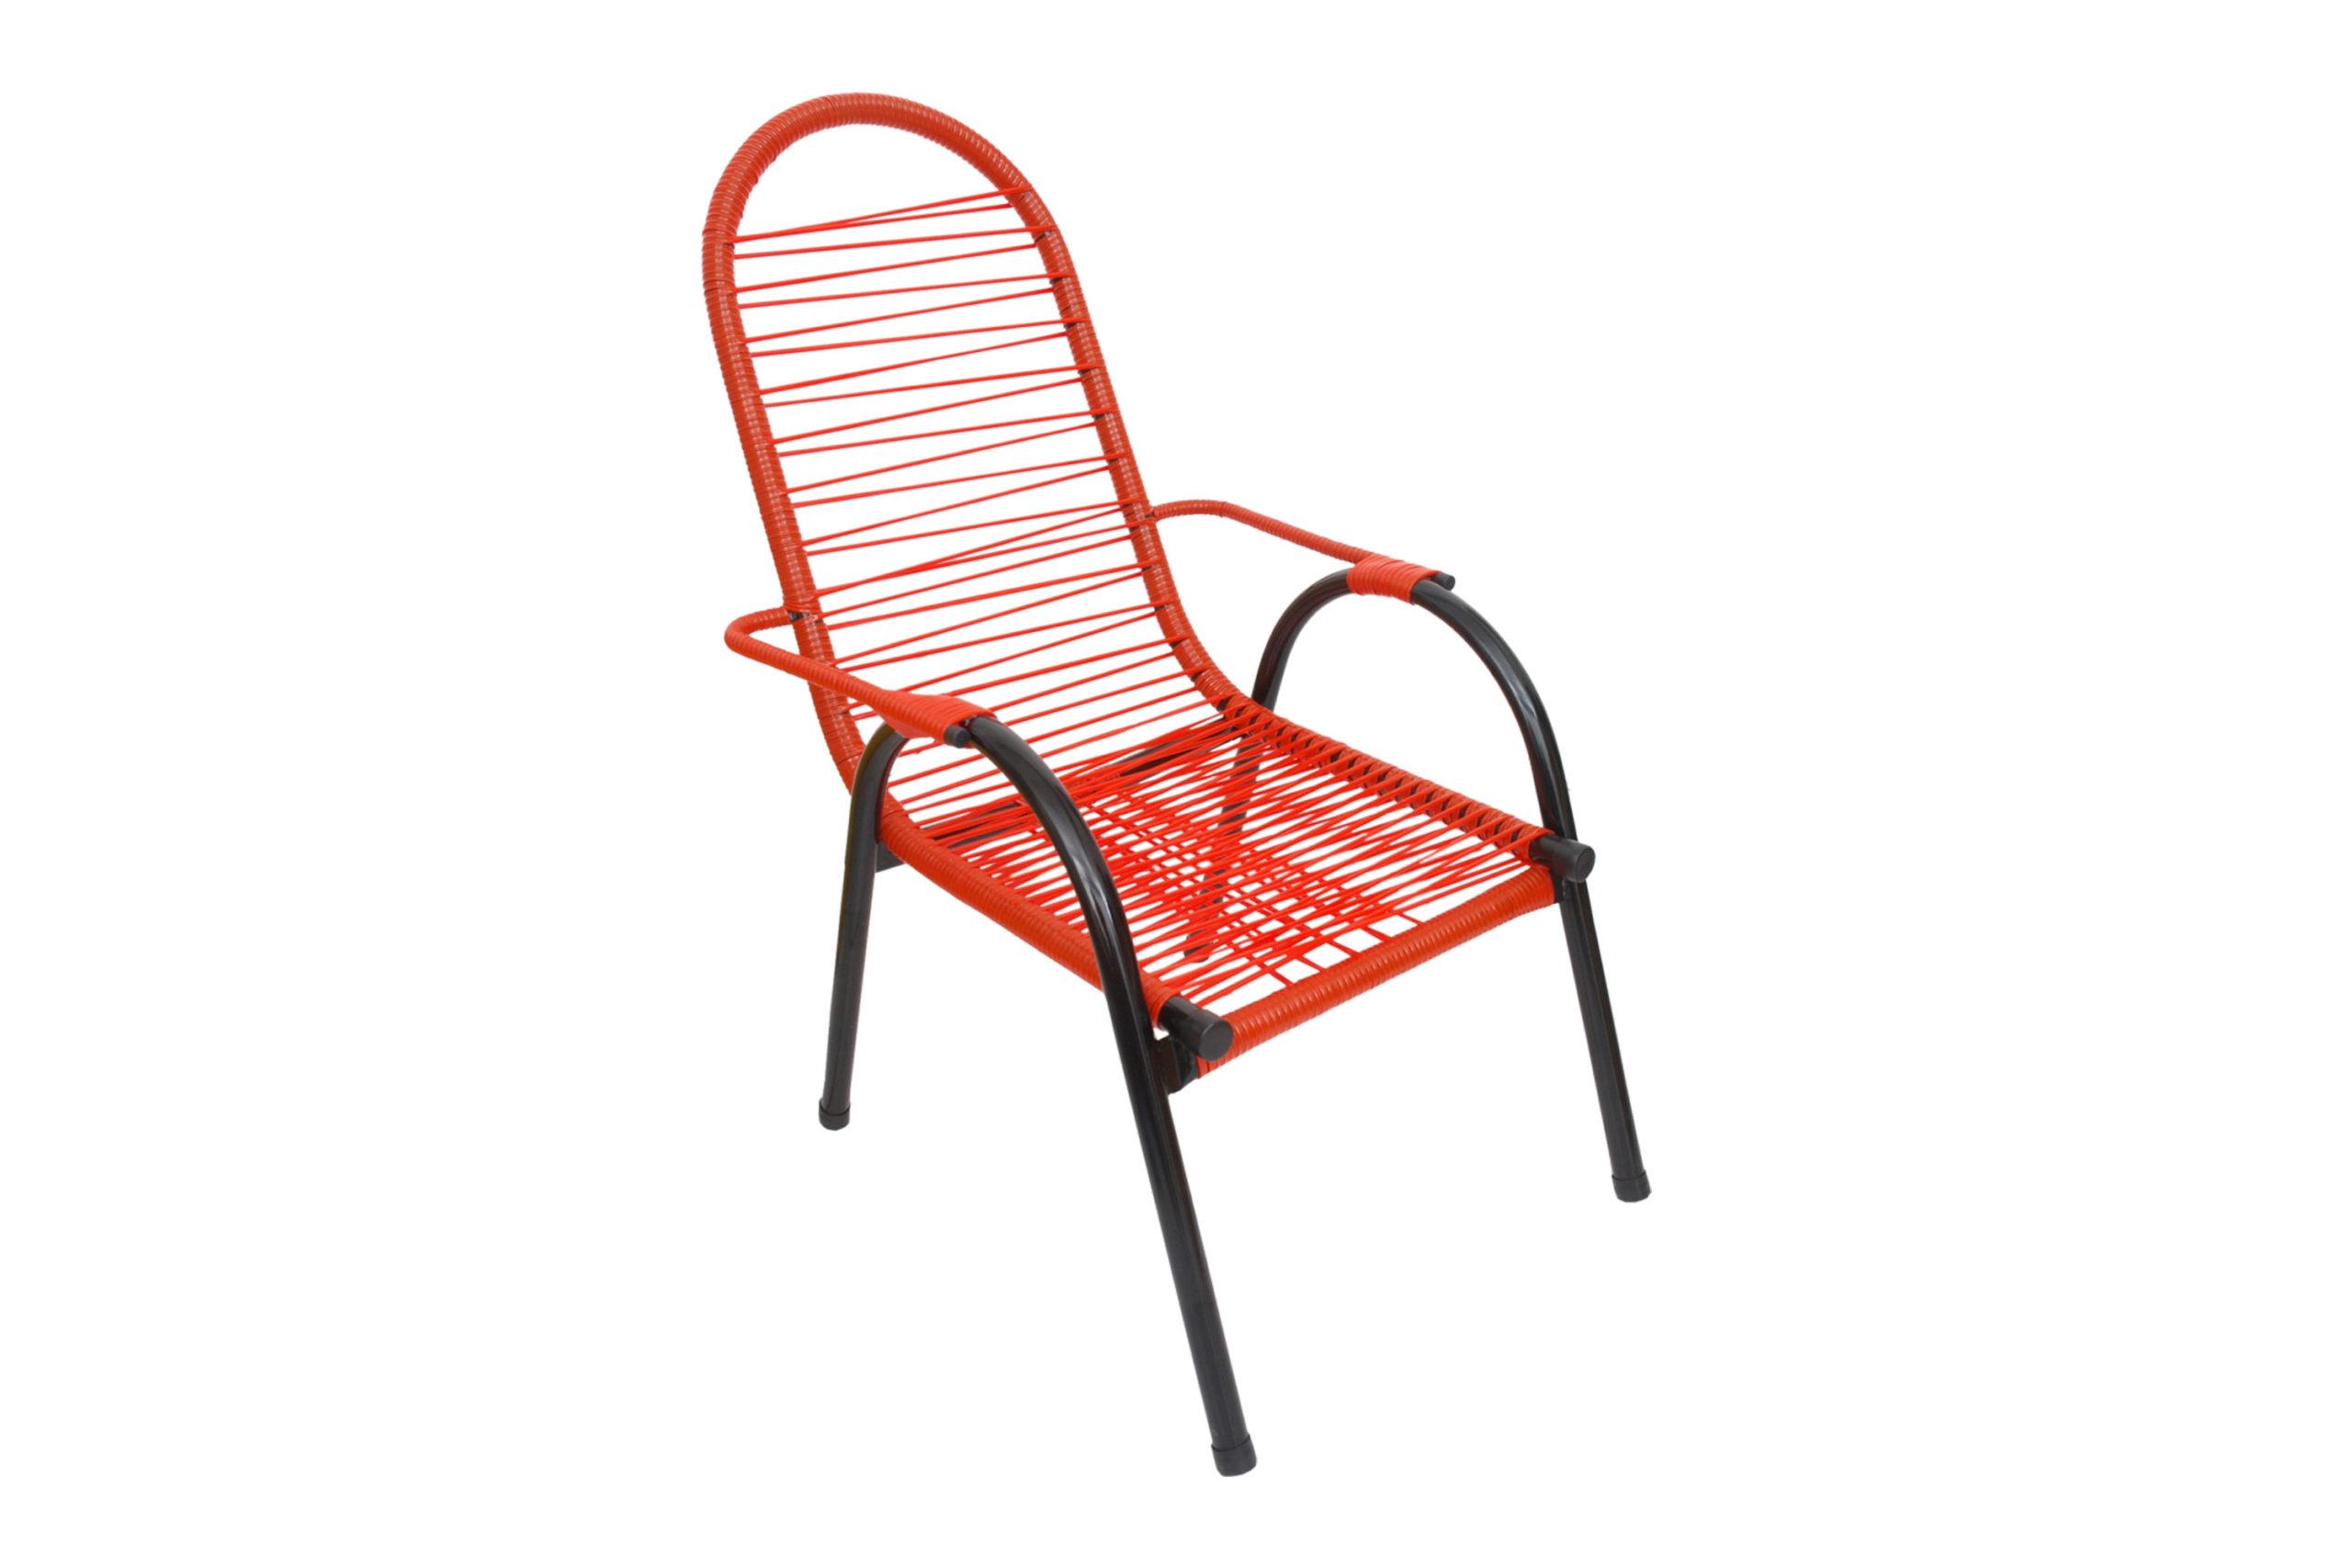 Cadeira Campo Grande - Machado – Portas e Janelas de Aço e Alumínio